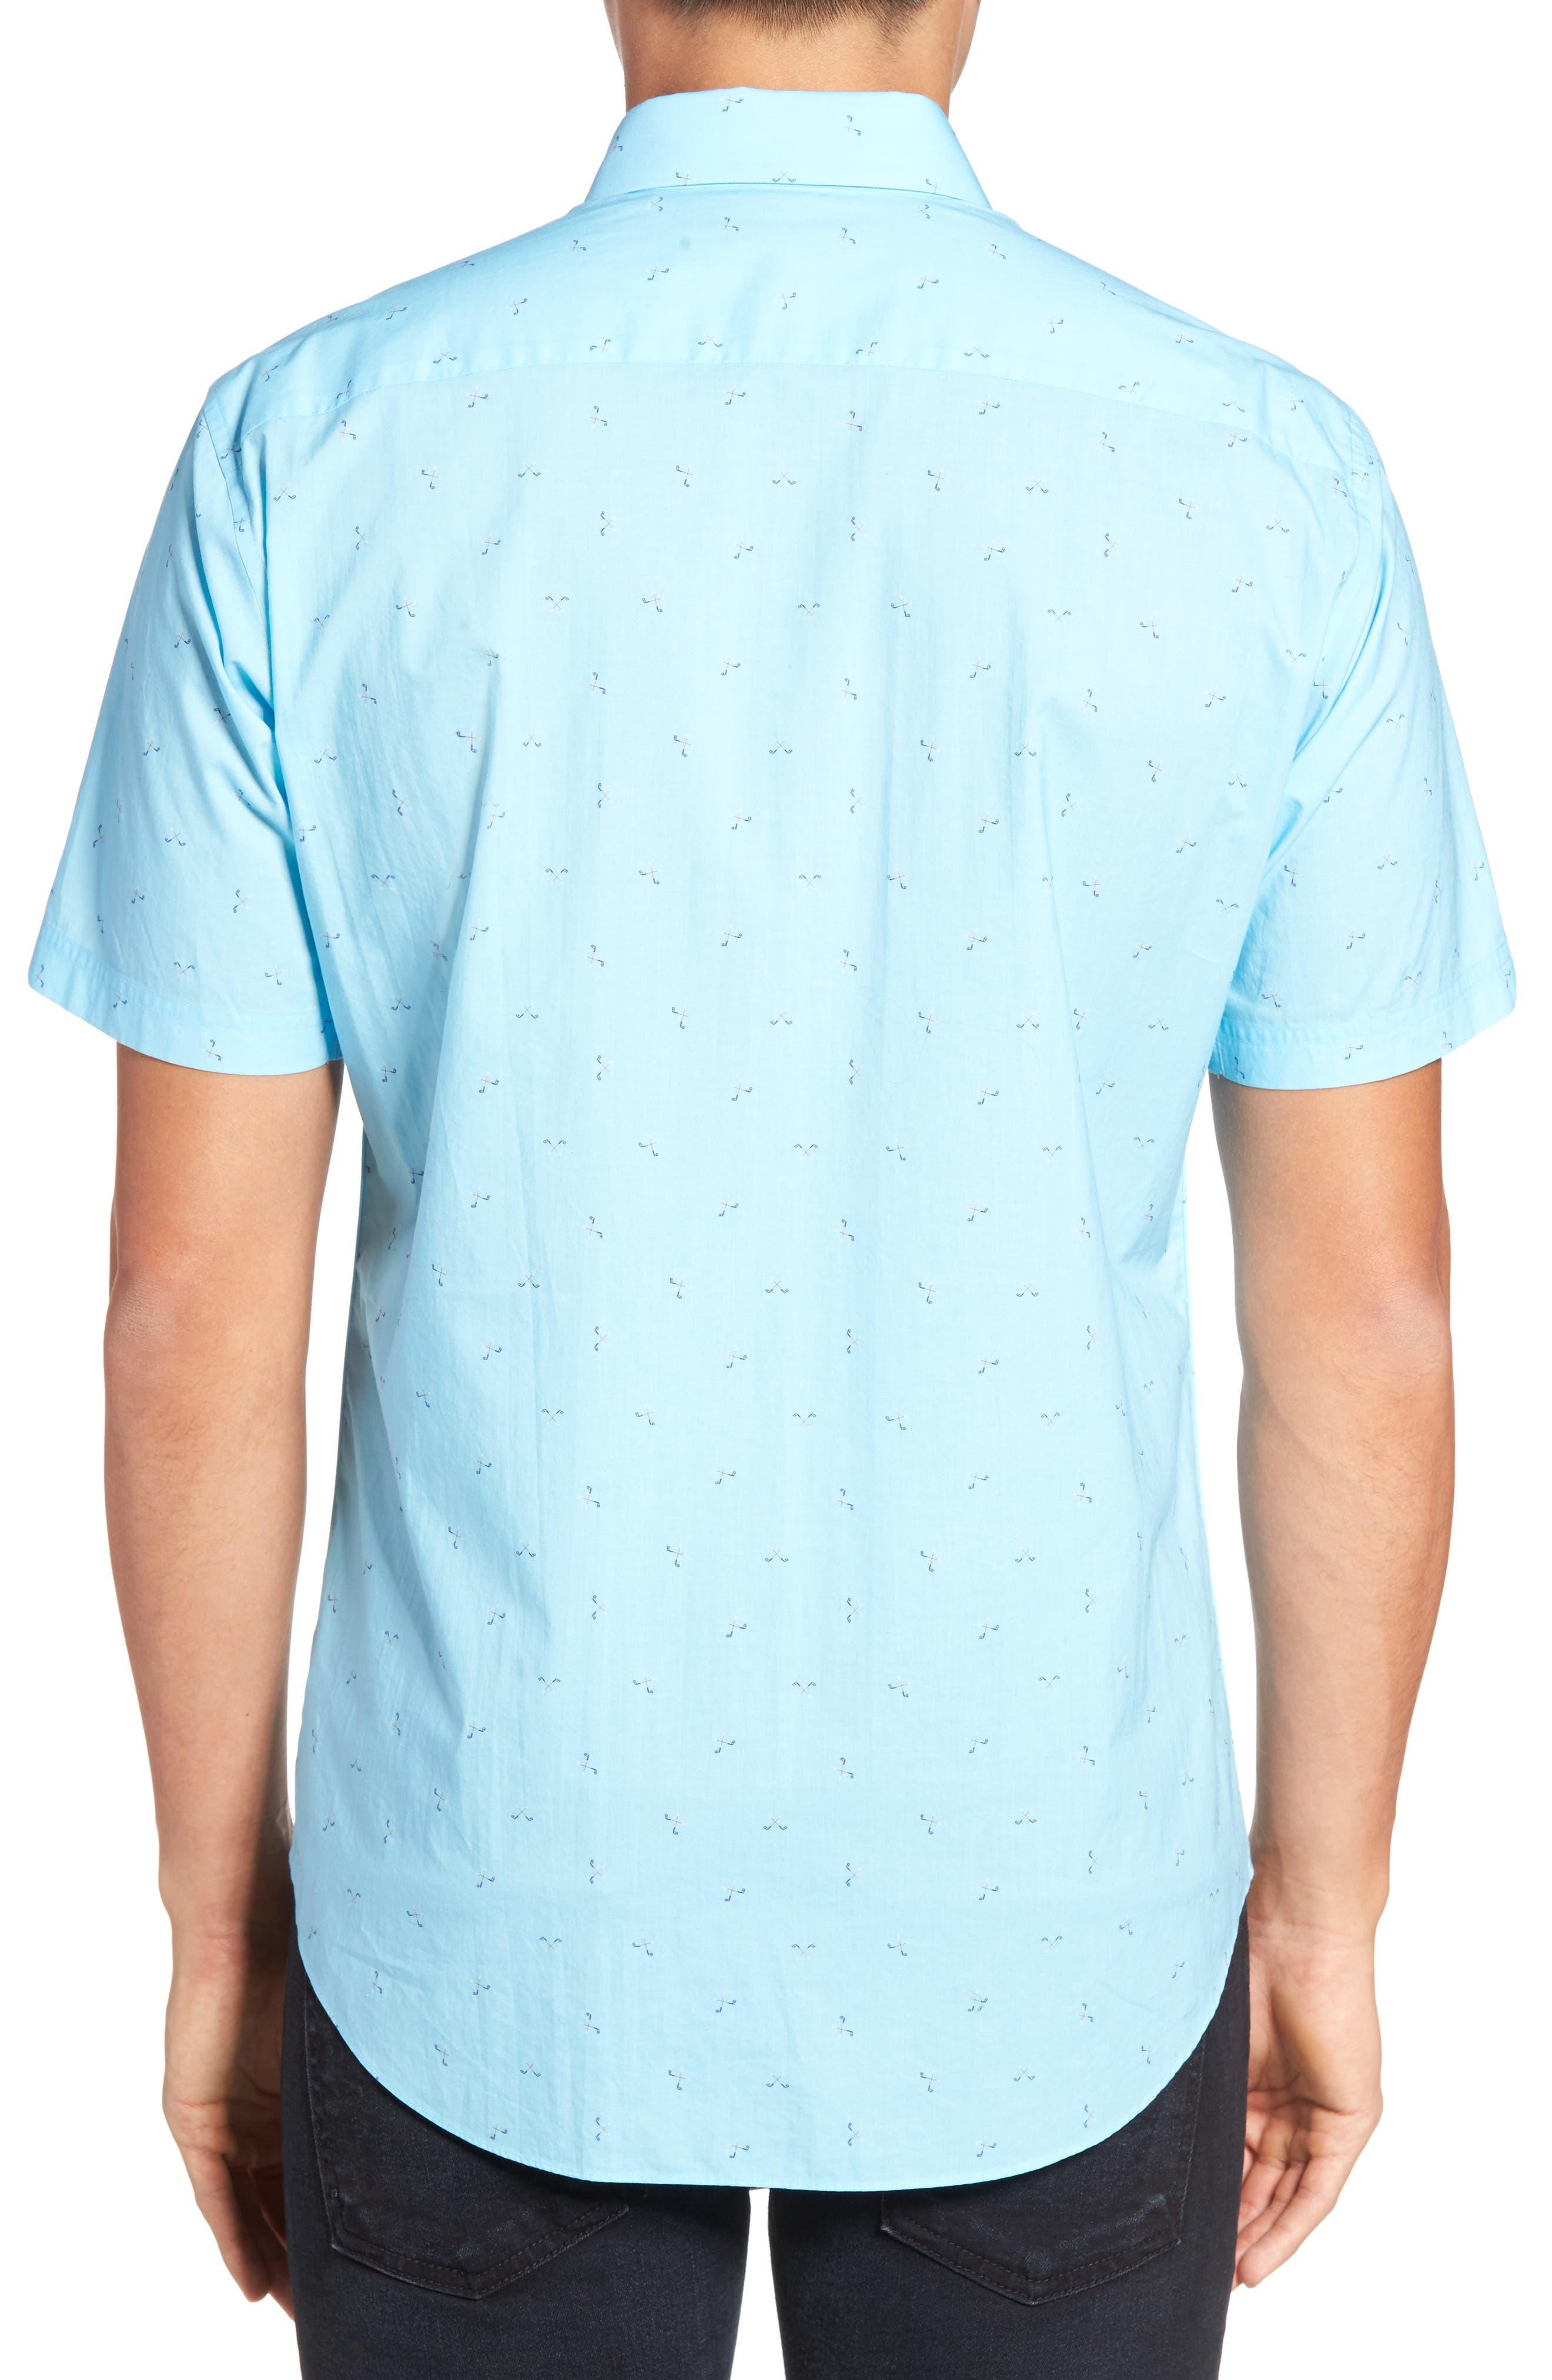 Weinman Regular Fit Print Short Sleeve Sport Shirt,                             Alternate thumbnail 2, color,                             411